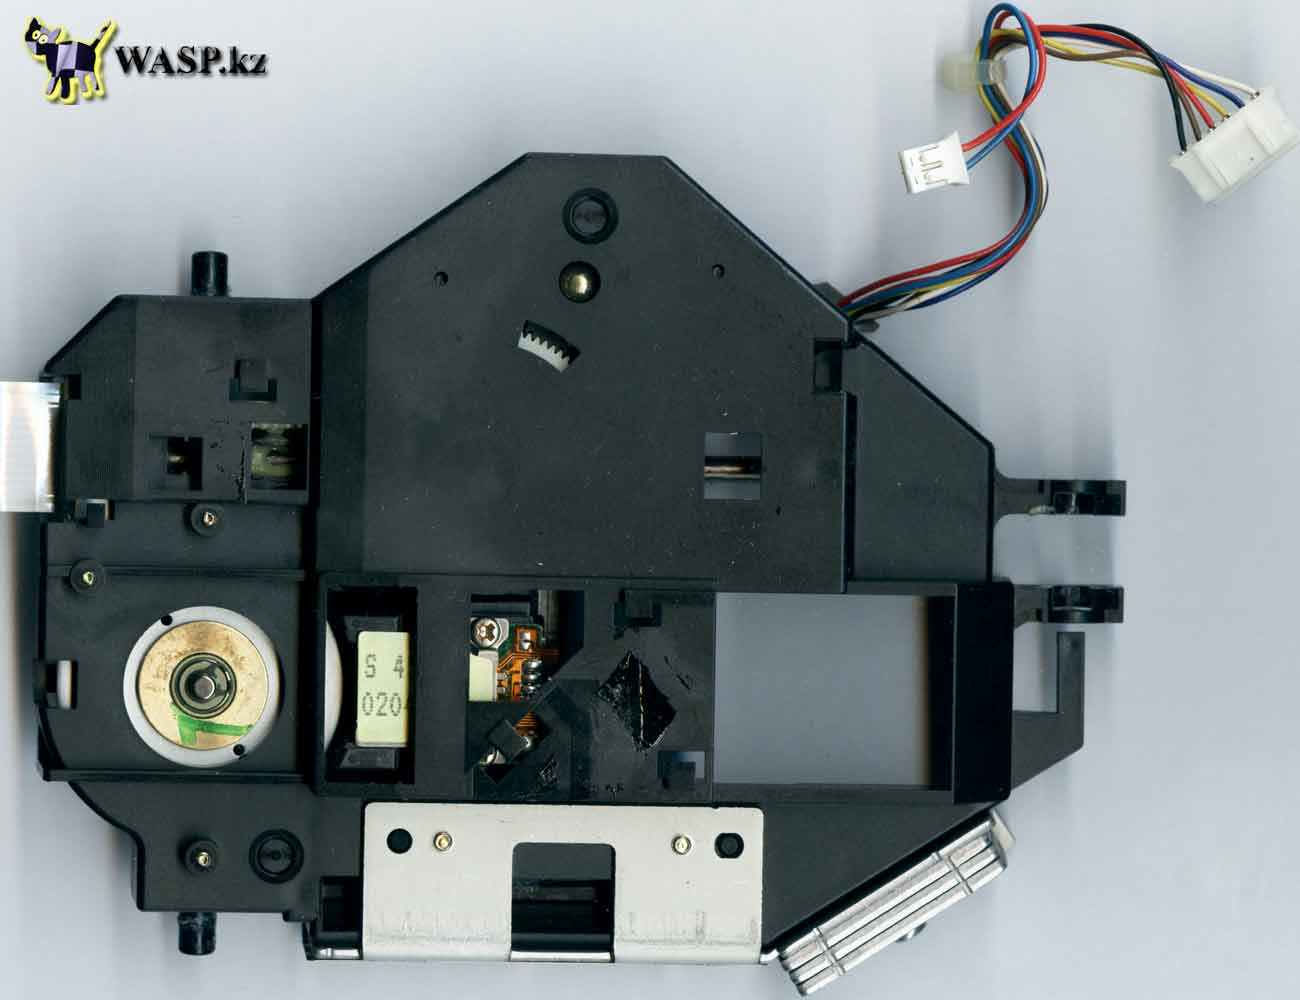 каретка с лазером в CyberDrive 361D